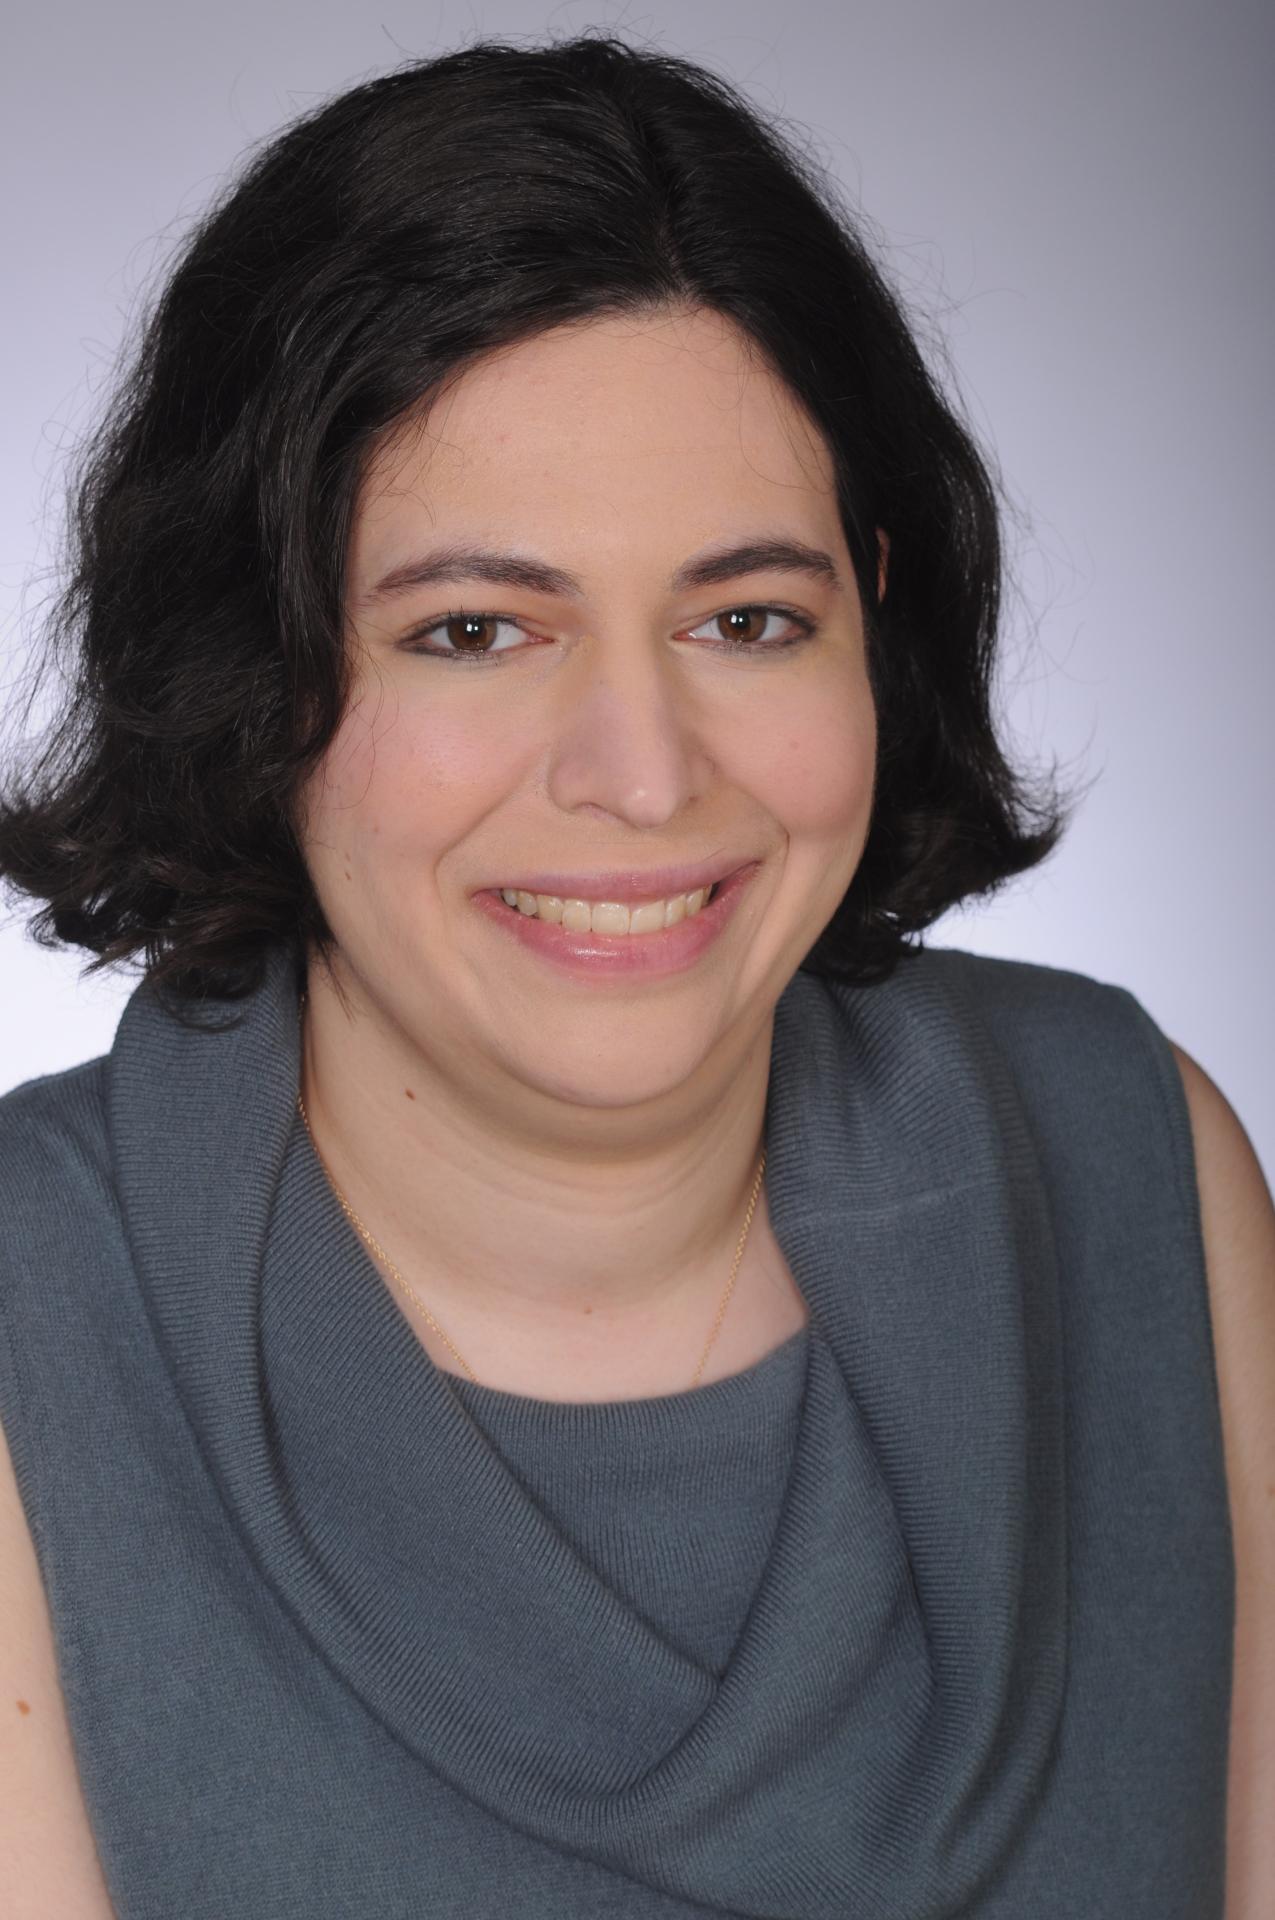 Melissa R. Mendelson